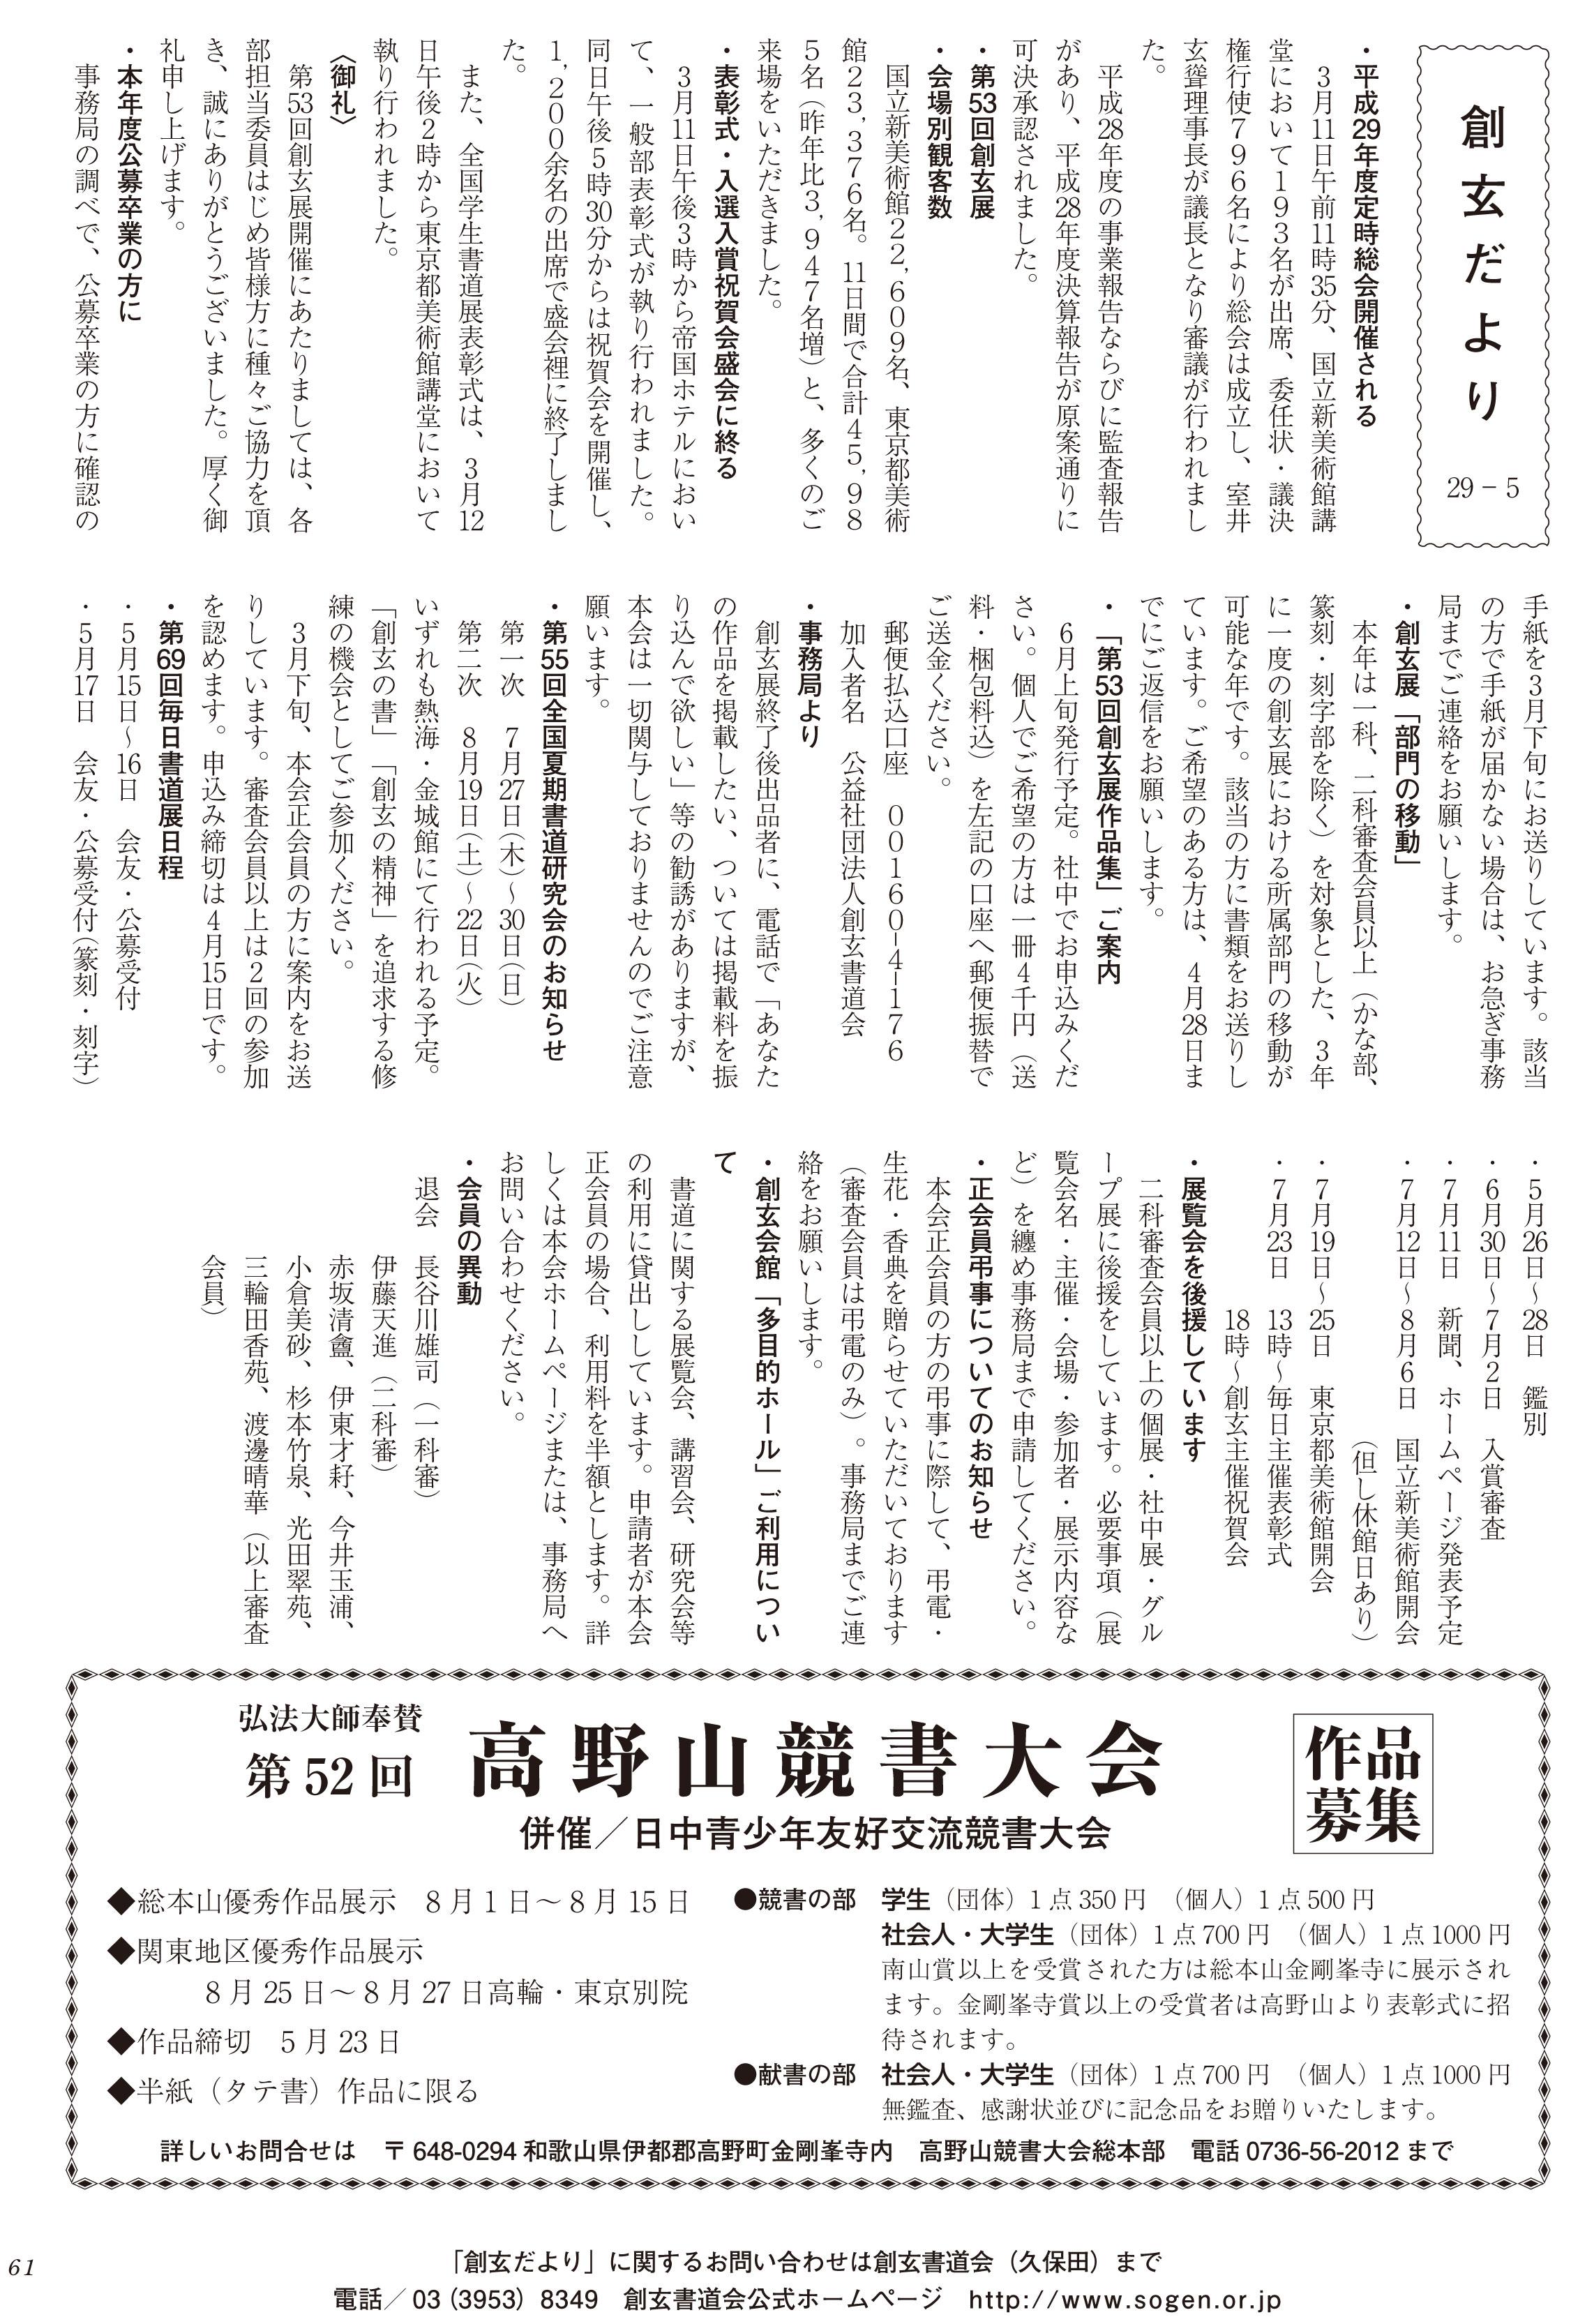 http://www.sogen.or.jp/letter/2017/05/15/557%E5%89%B5%E7%8E%84%E3%81%9F%E3%82%99%E3%82%88%E3%82%8A3.jpg